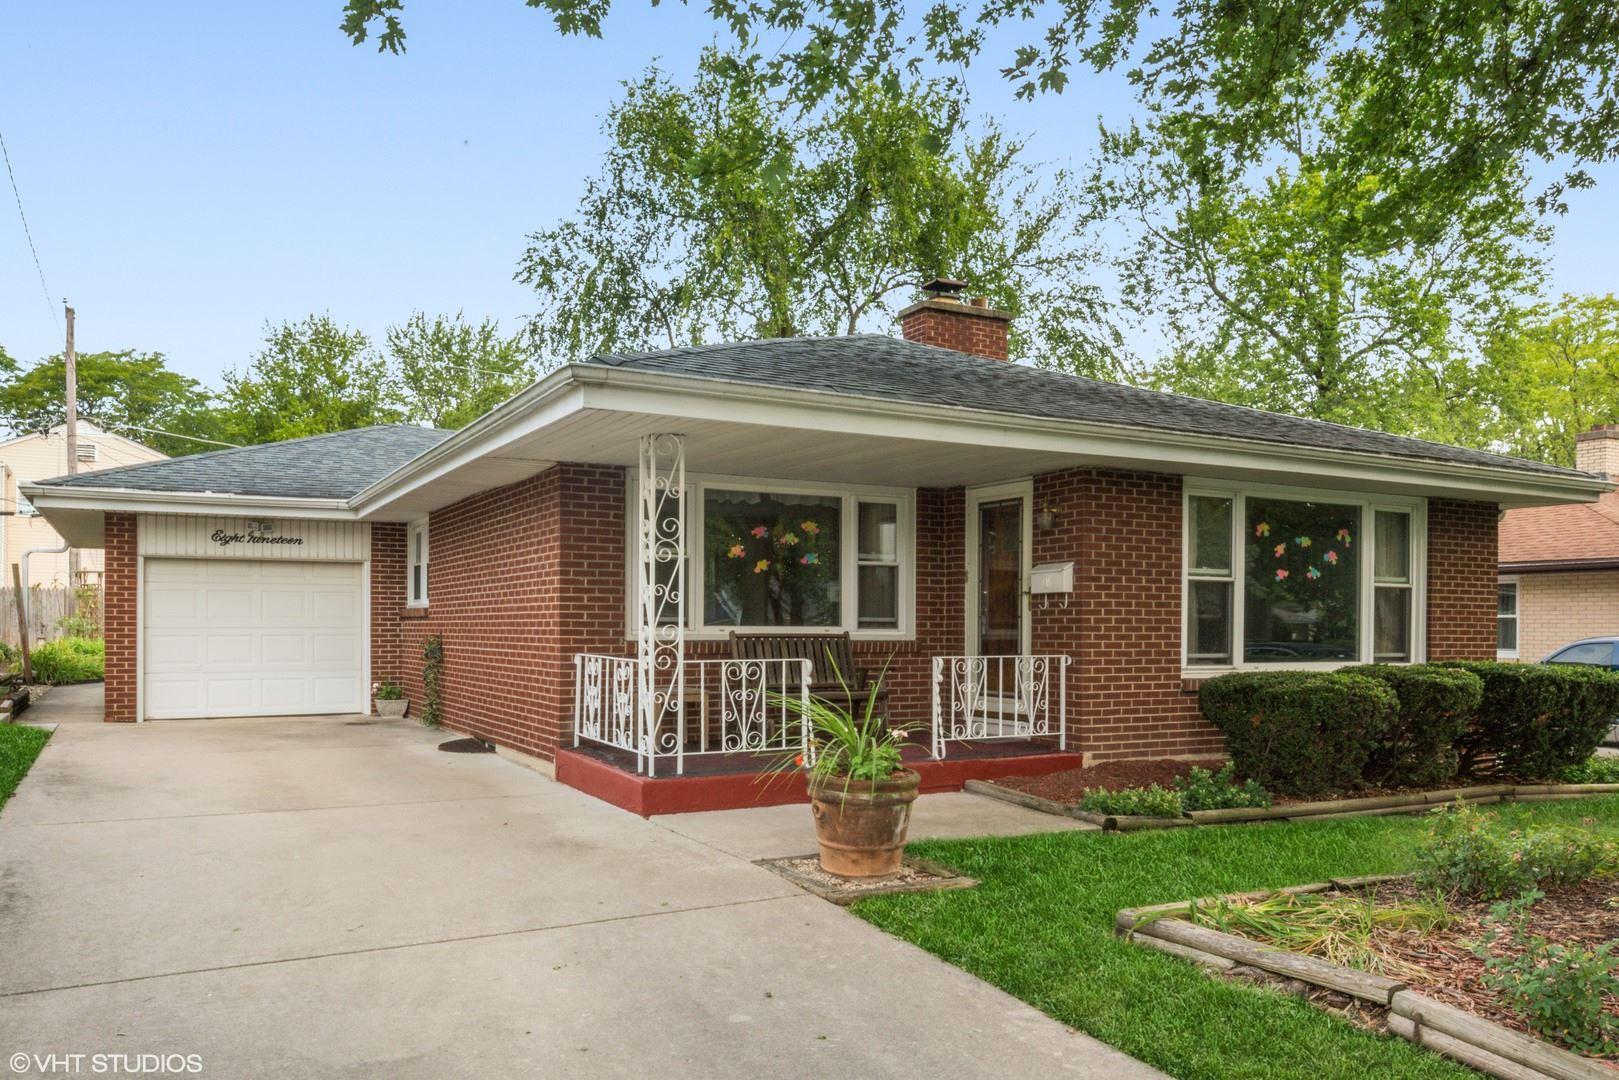 Photo of 819 Grand Boulevard, Joliet, IL 60436 (MLS # 10854417)